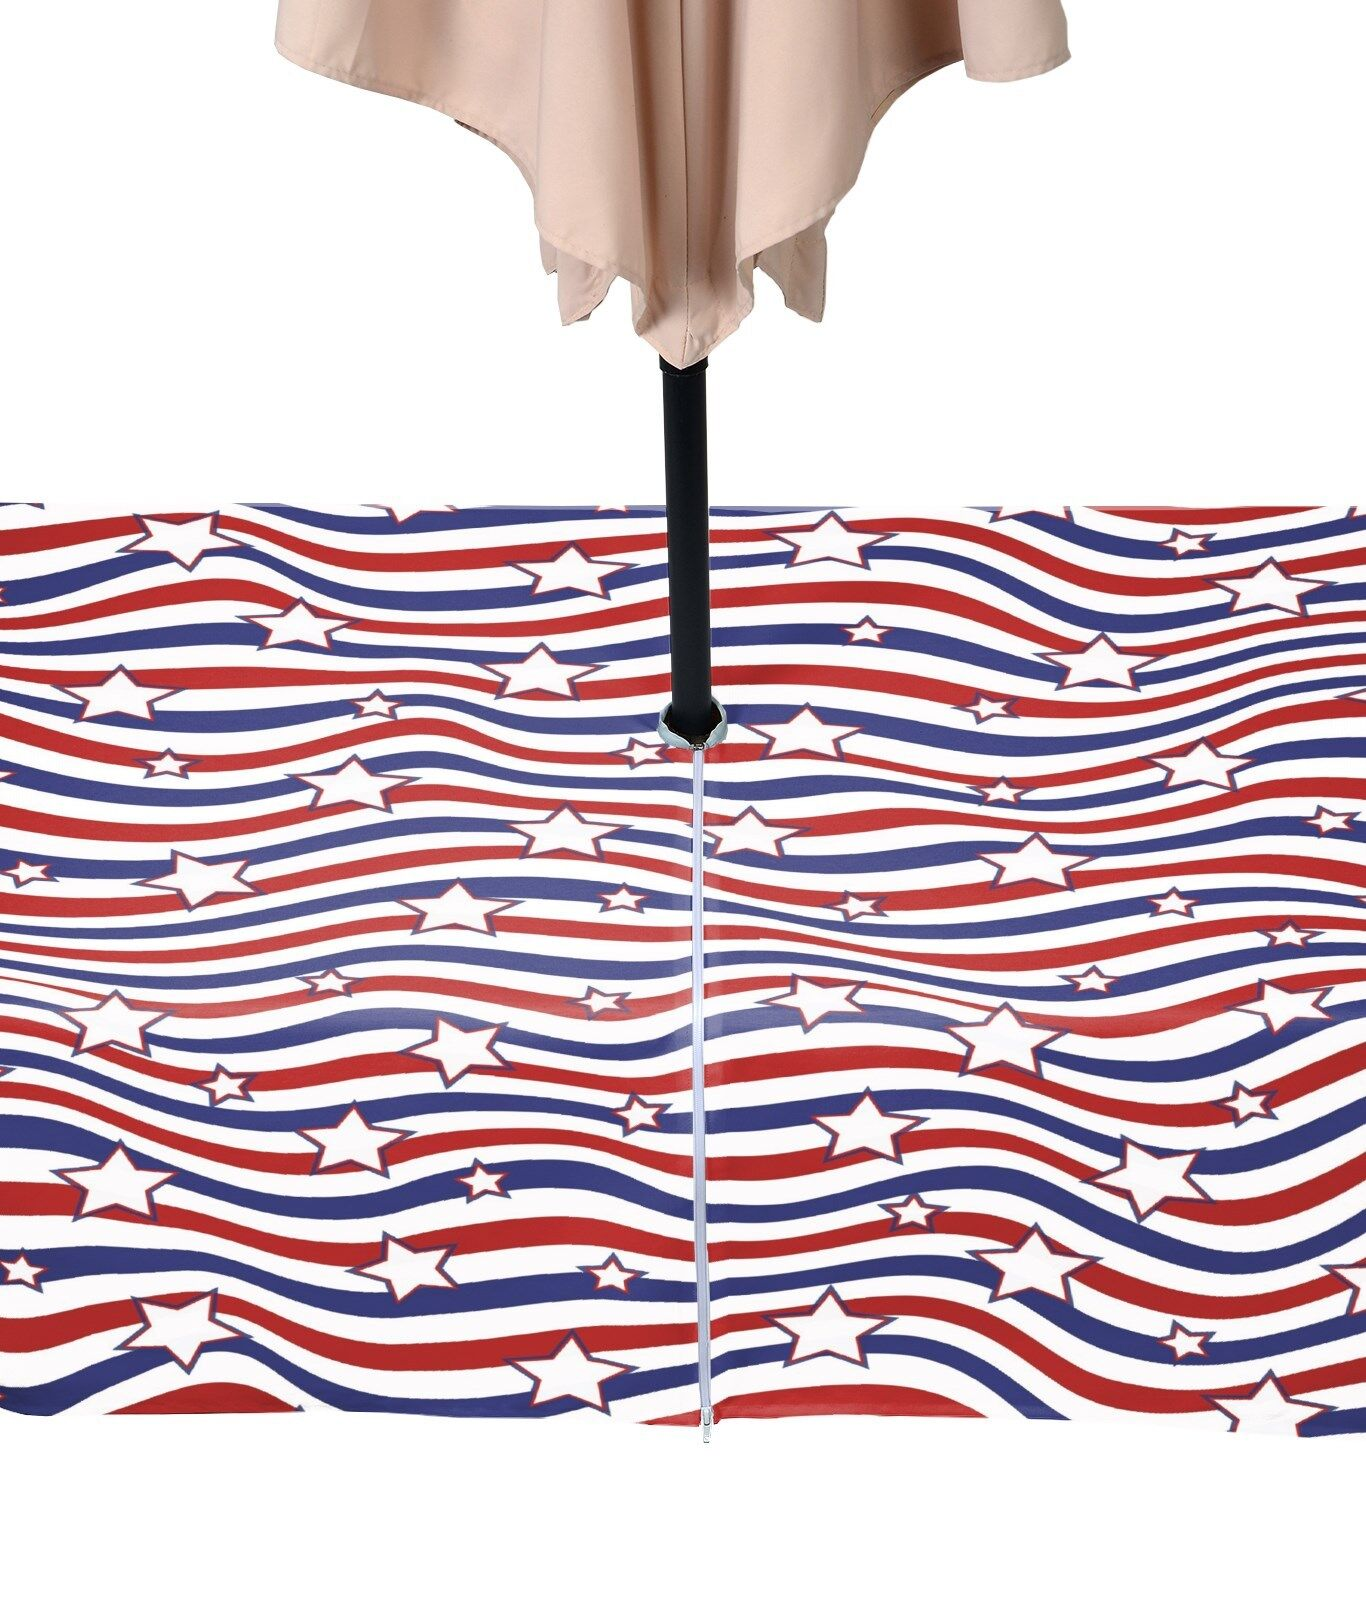 American Stars & Stripes Outdoor Waterproof Tablecloths w zipper& Umbrella Umbrella Umbrella Hole 5332c4